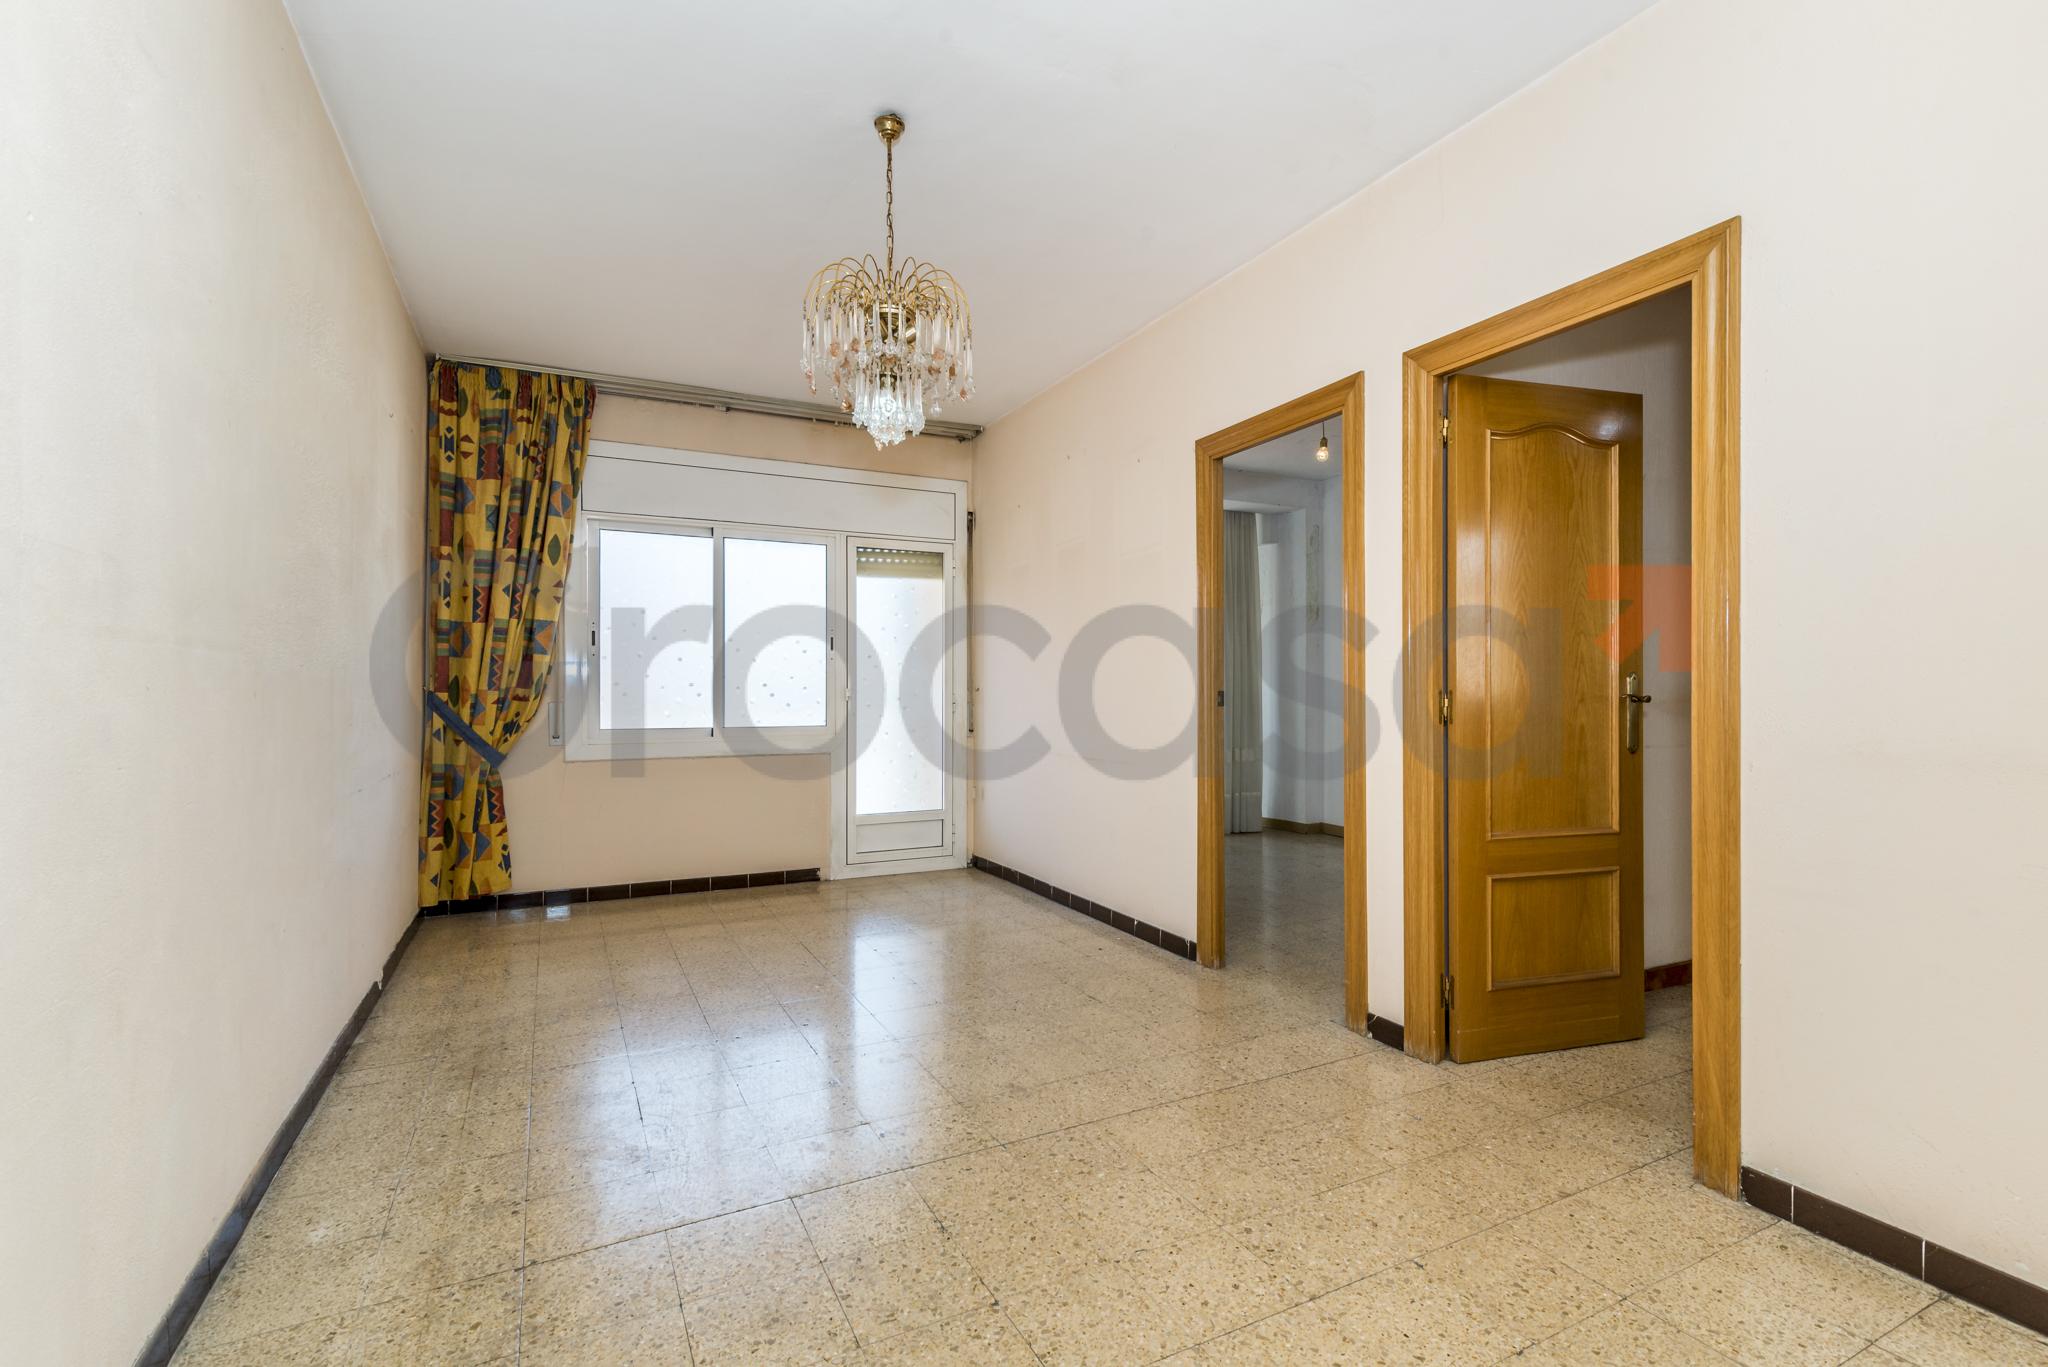 Ático en Collblanc en L'Hospitalet de llobregat en Venta por 210.000€